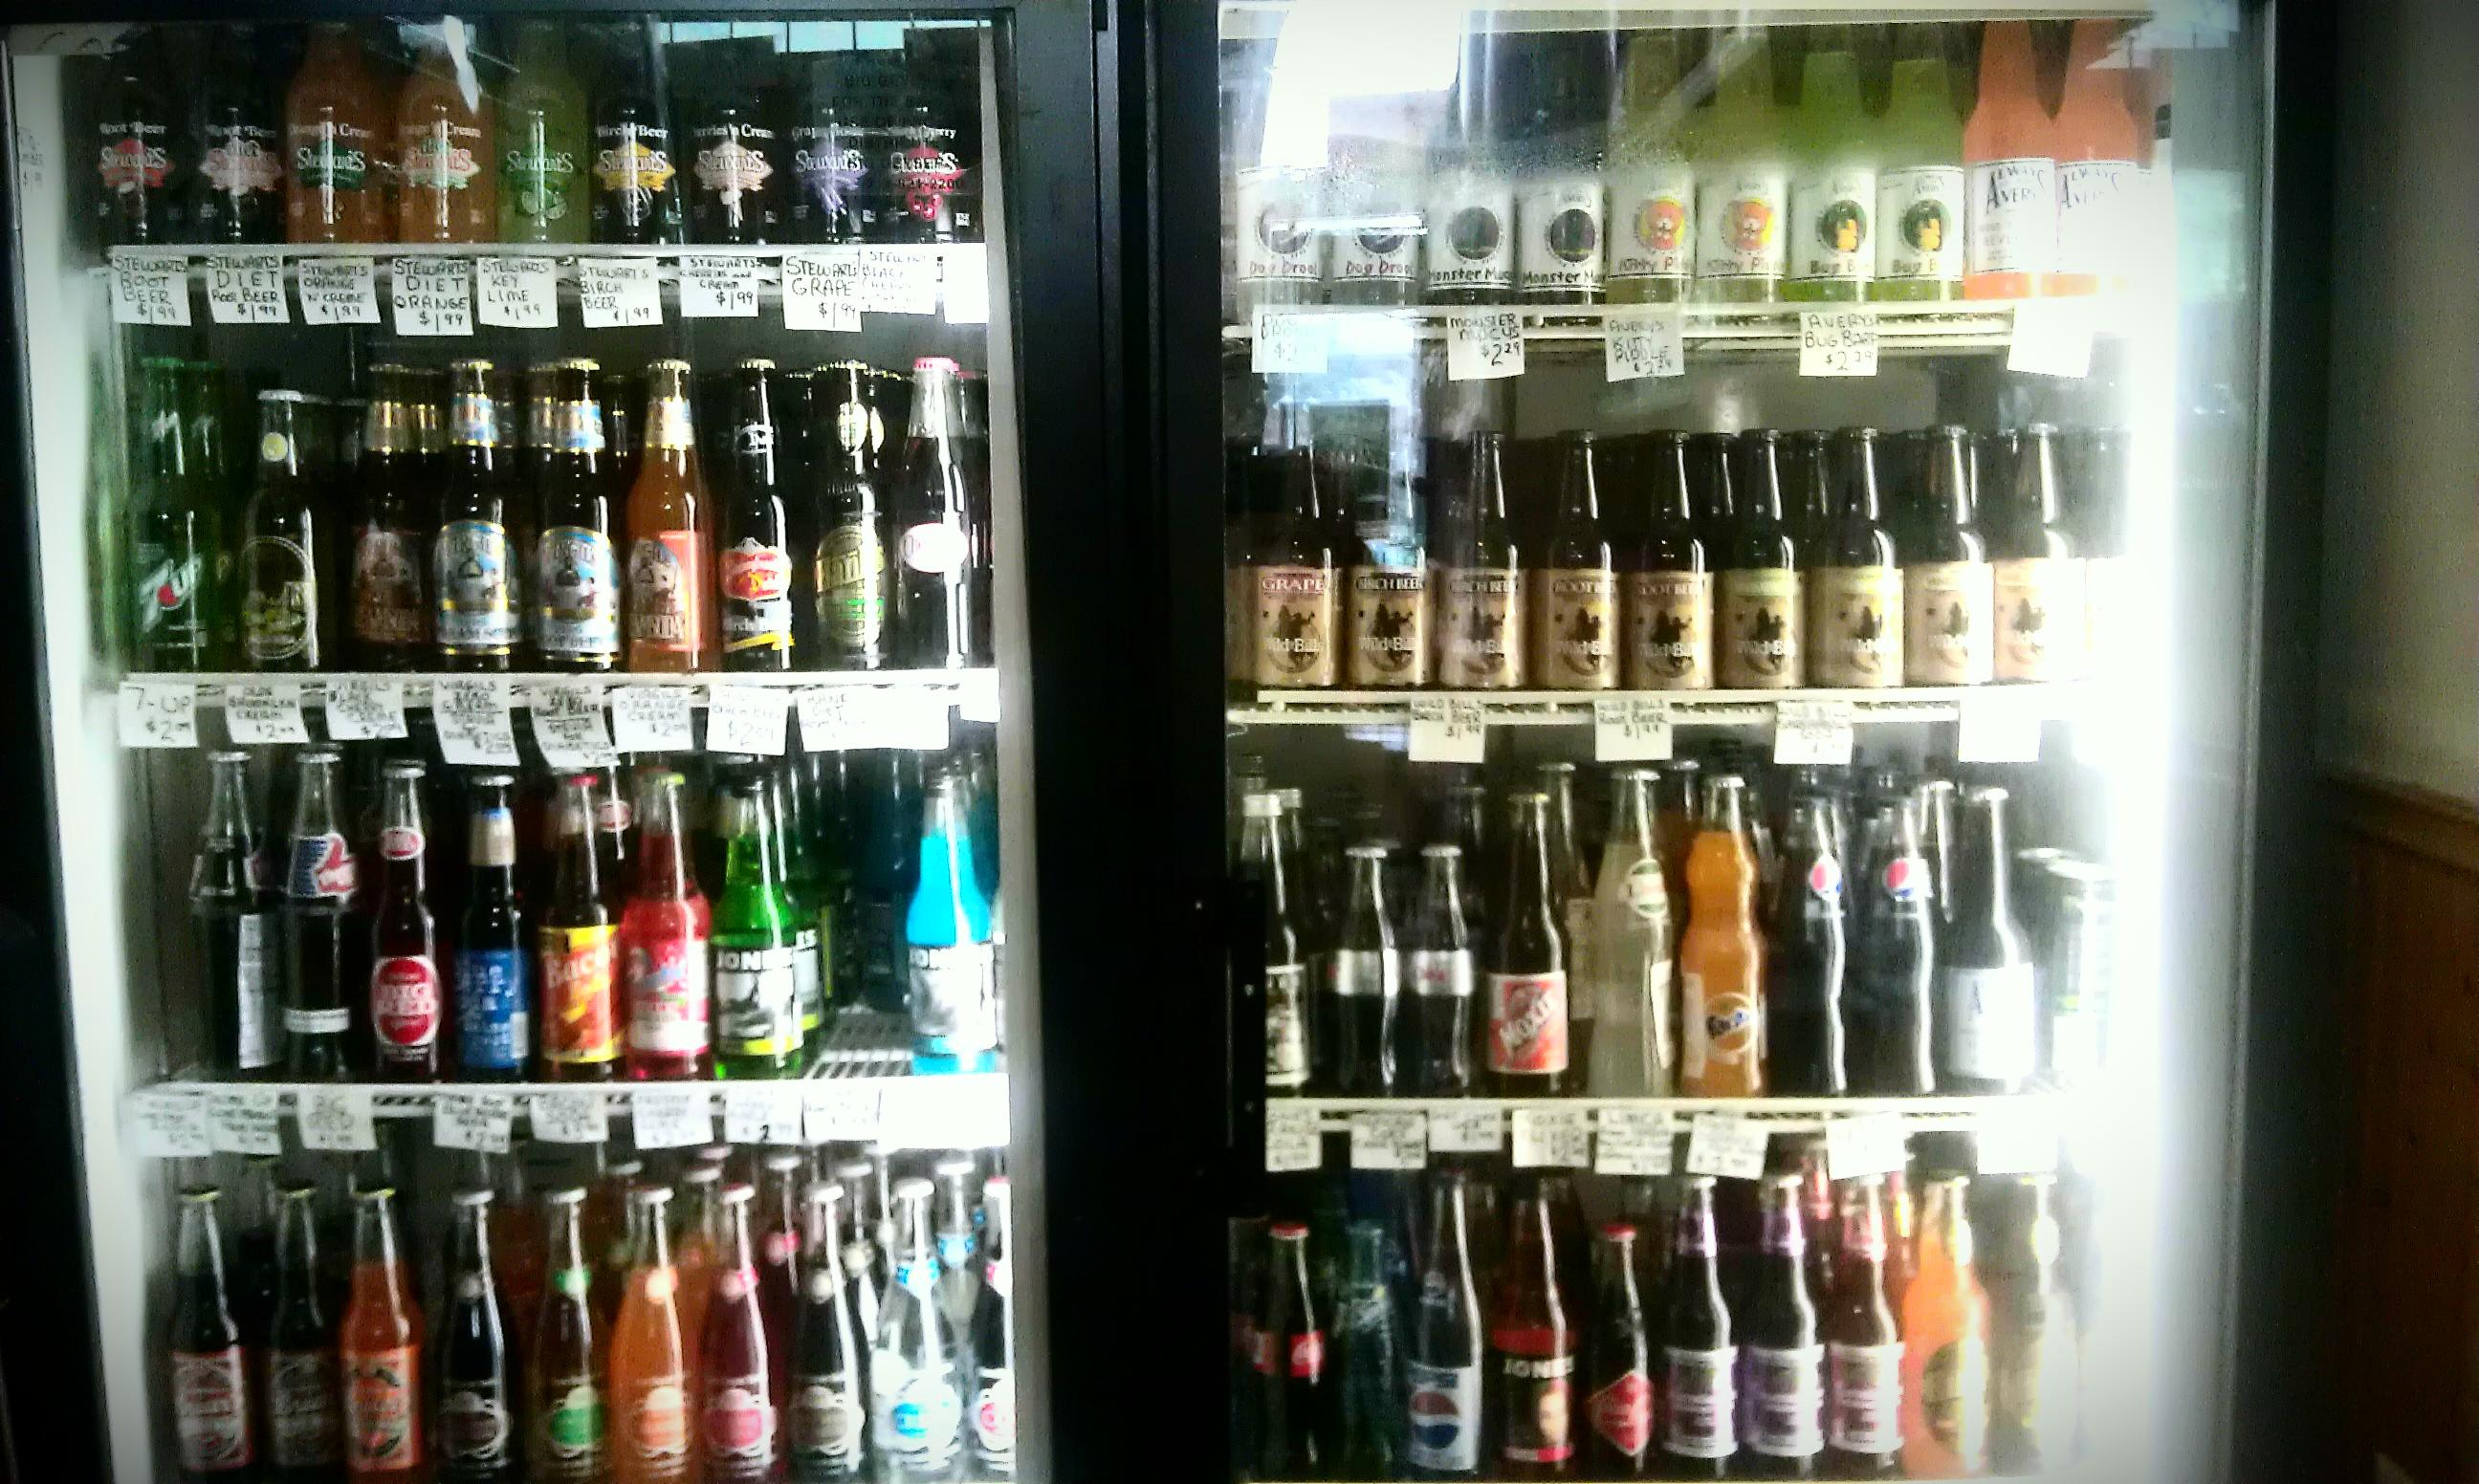 soda coolers